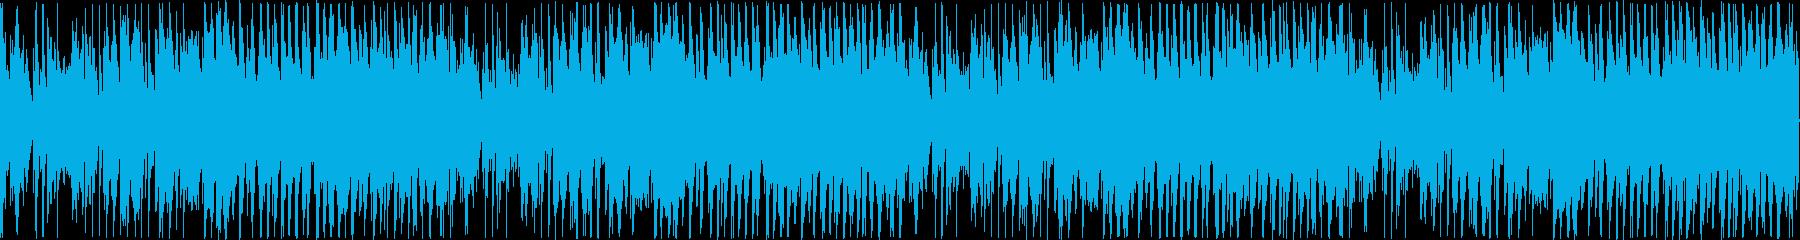 エレガンスでかわいいフルートのメロディの再生済みの波形